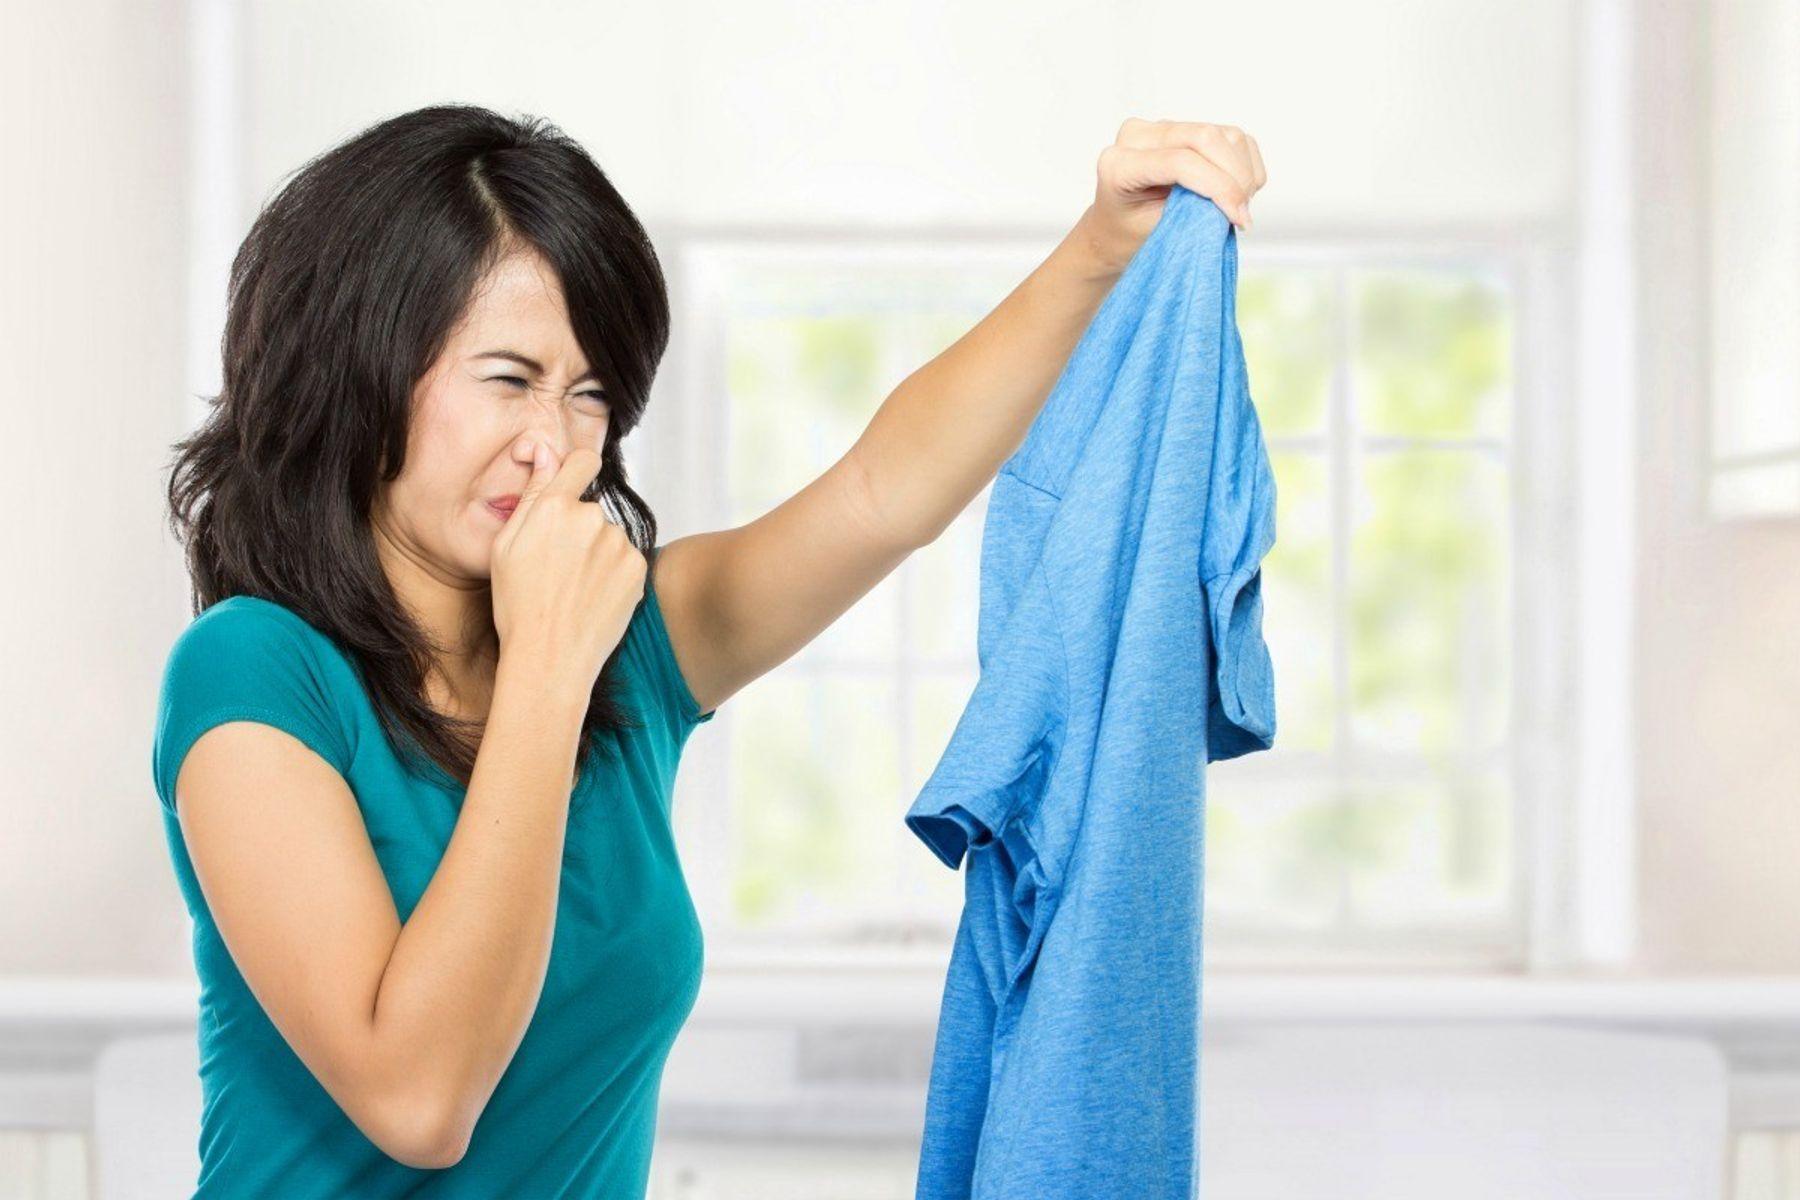 Quần áo ẩm ướt có mùi hôi